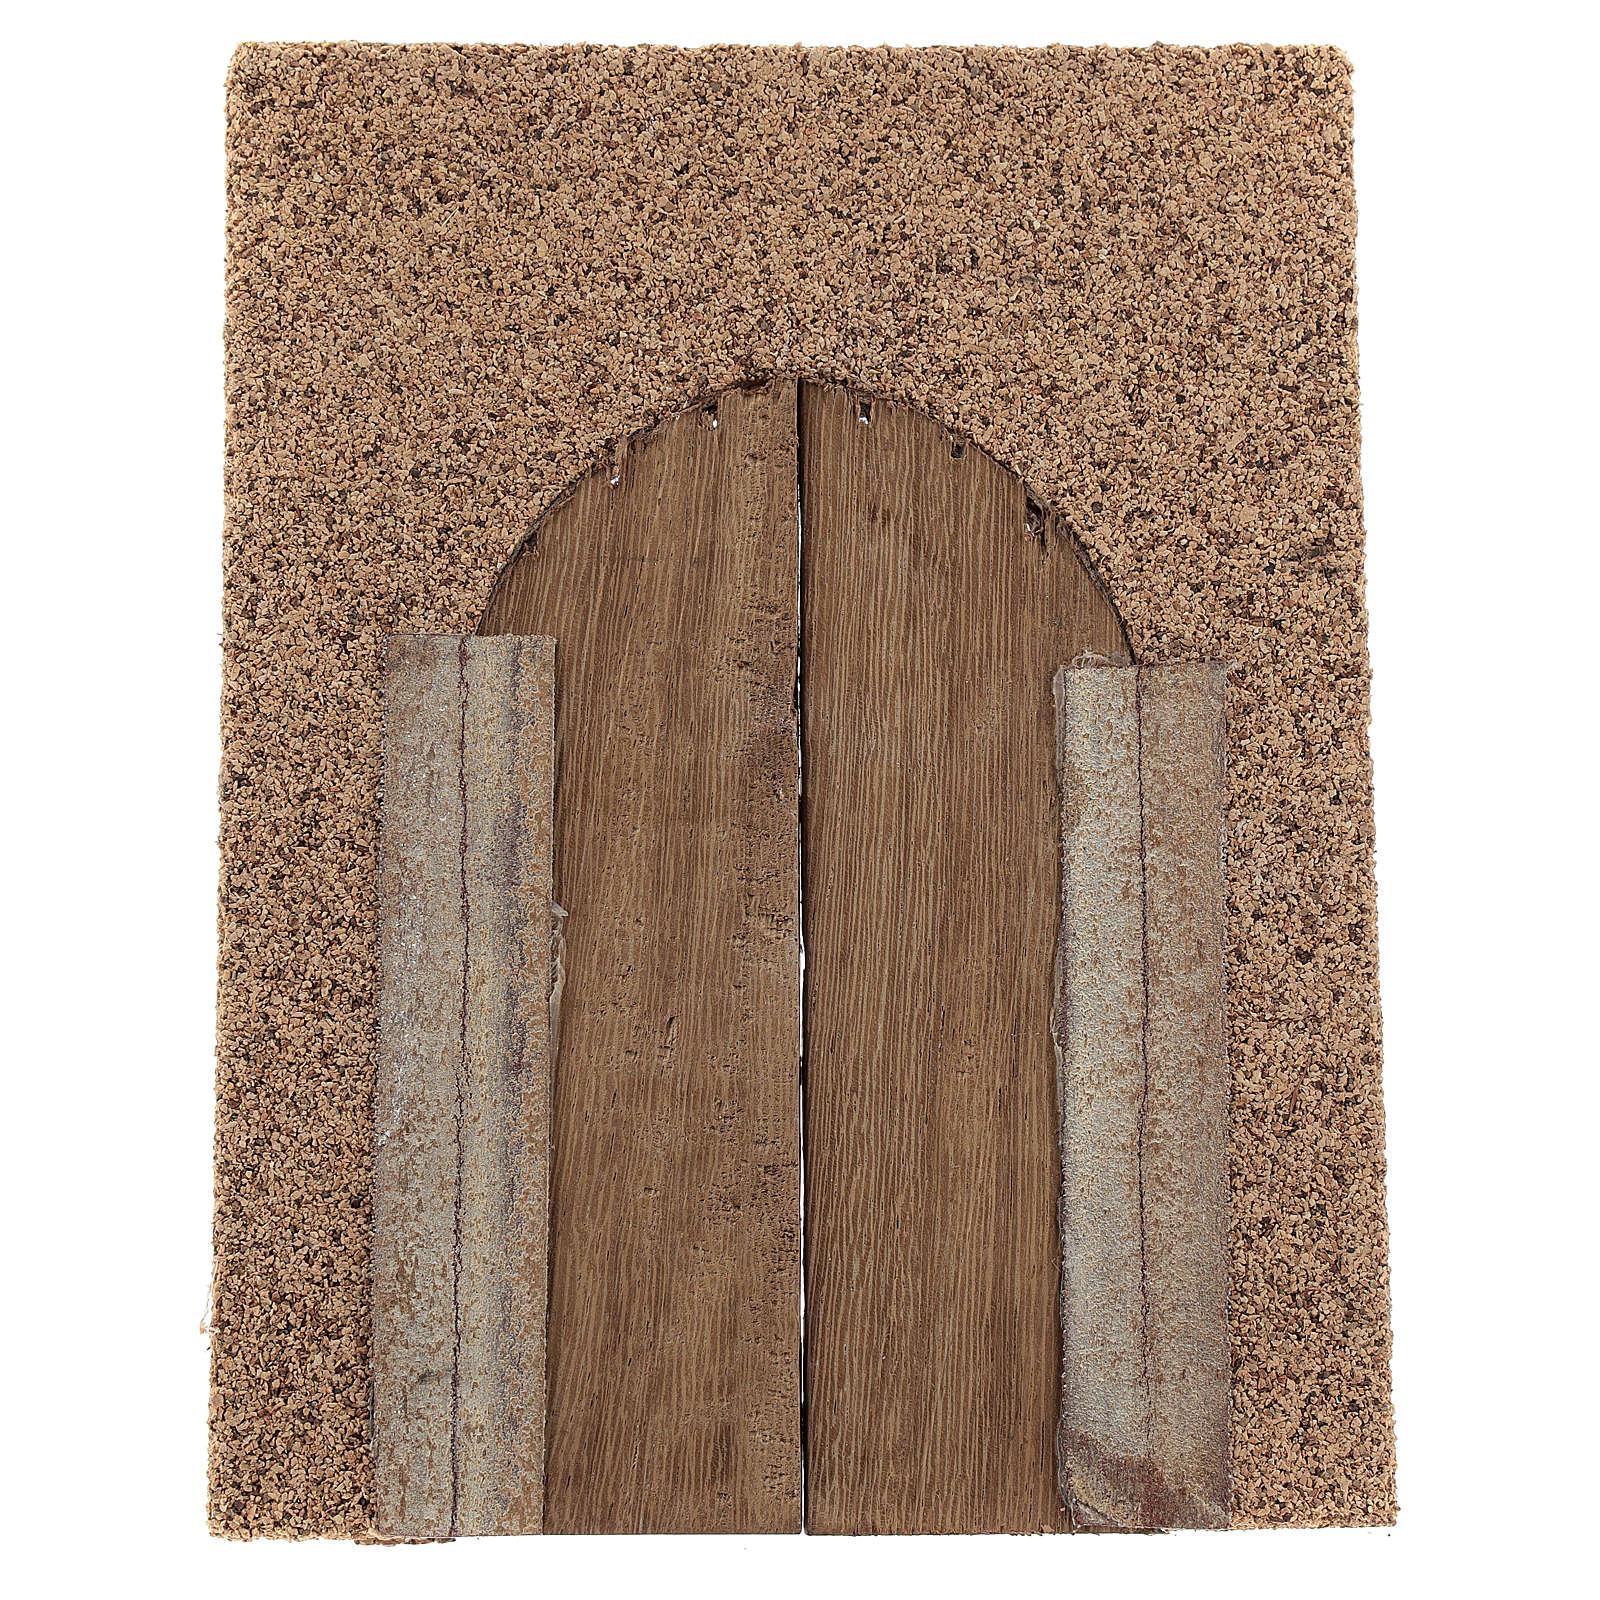 Portón rústico de madera pared corcho 21x15 cm 4